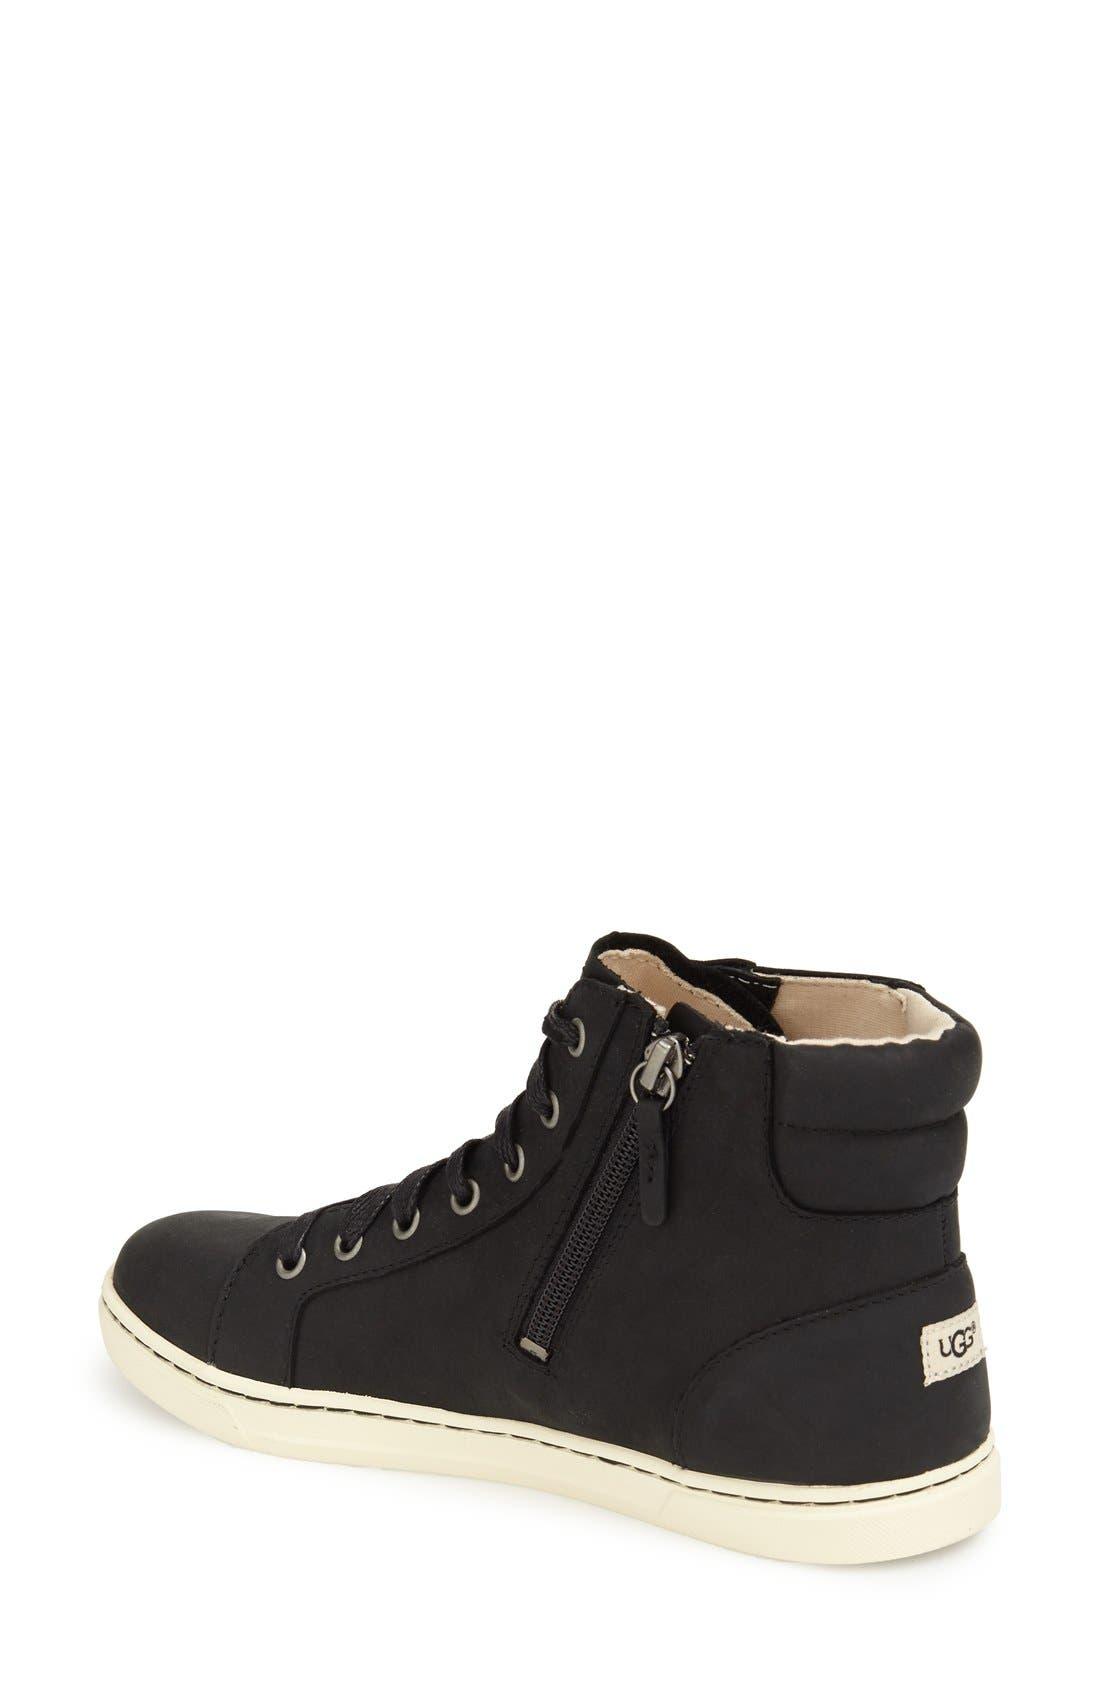 Alternate Image 2  - UGG® 'Gradie' High Top Sneaker (Women)